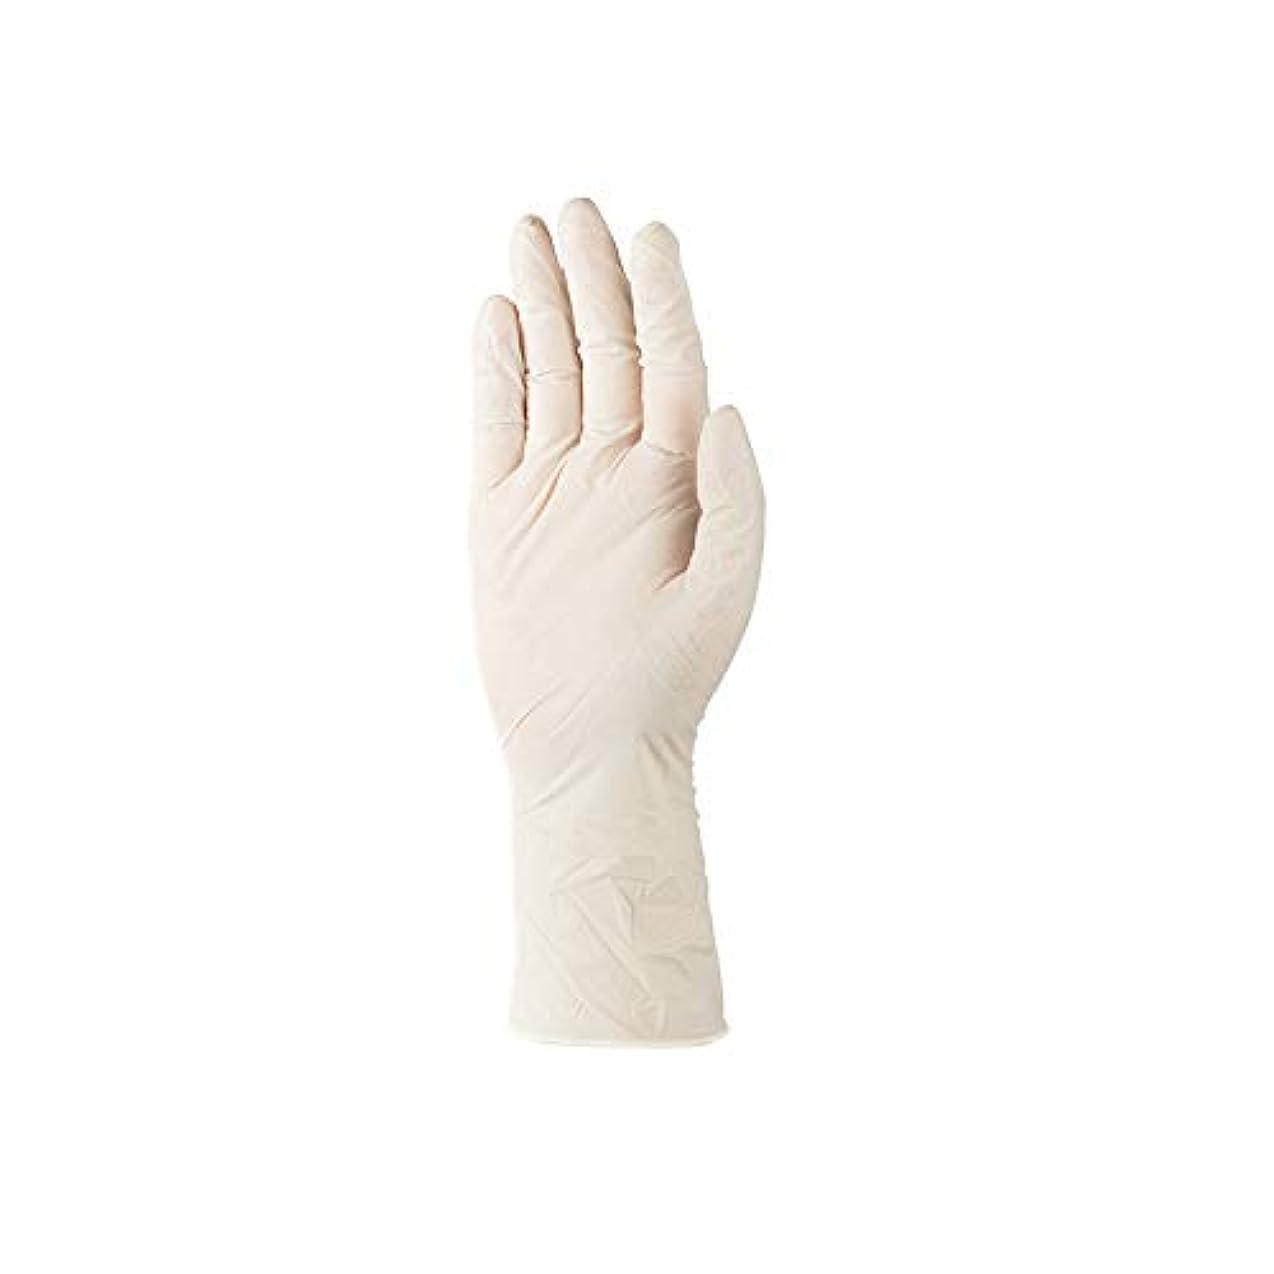 扇動するバリー意気消沈したニトリルラテックス使い捨て手袋ゴム製病院用手袋厚くケータリング家事歯科,White#1232,XS